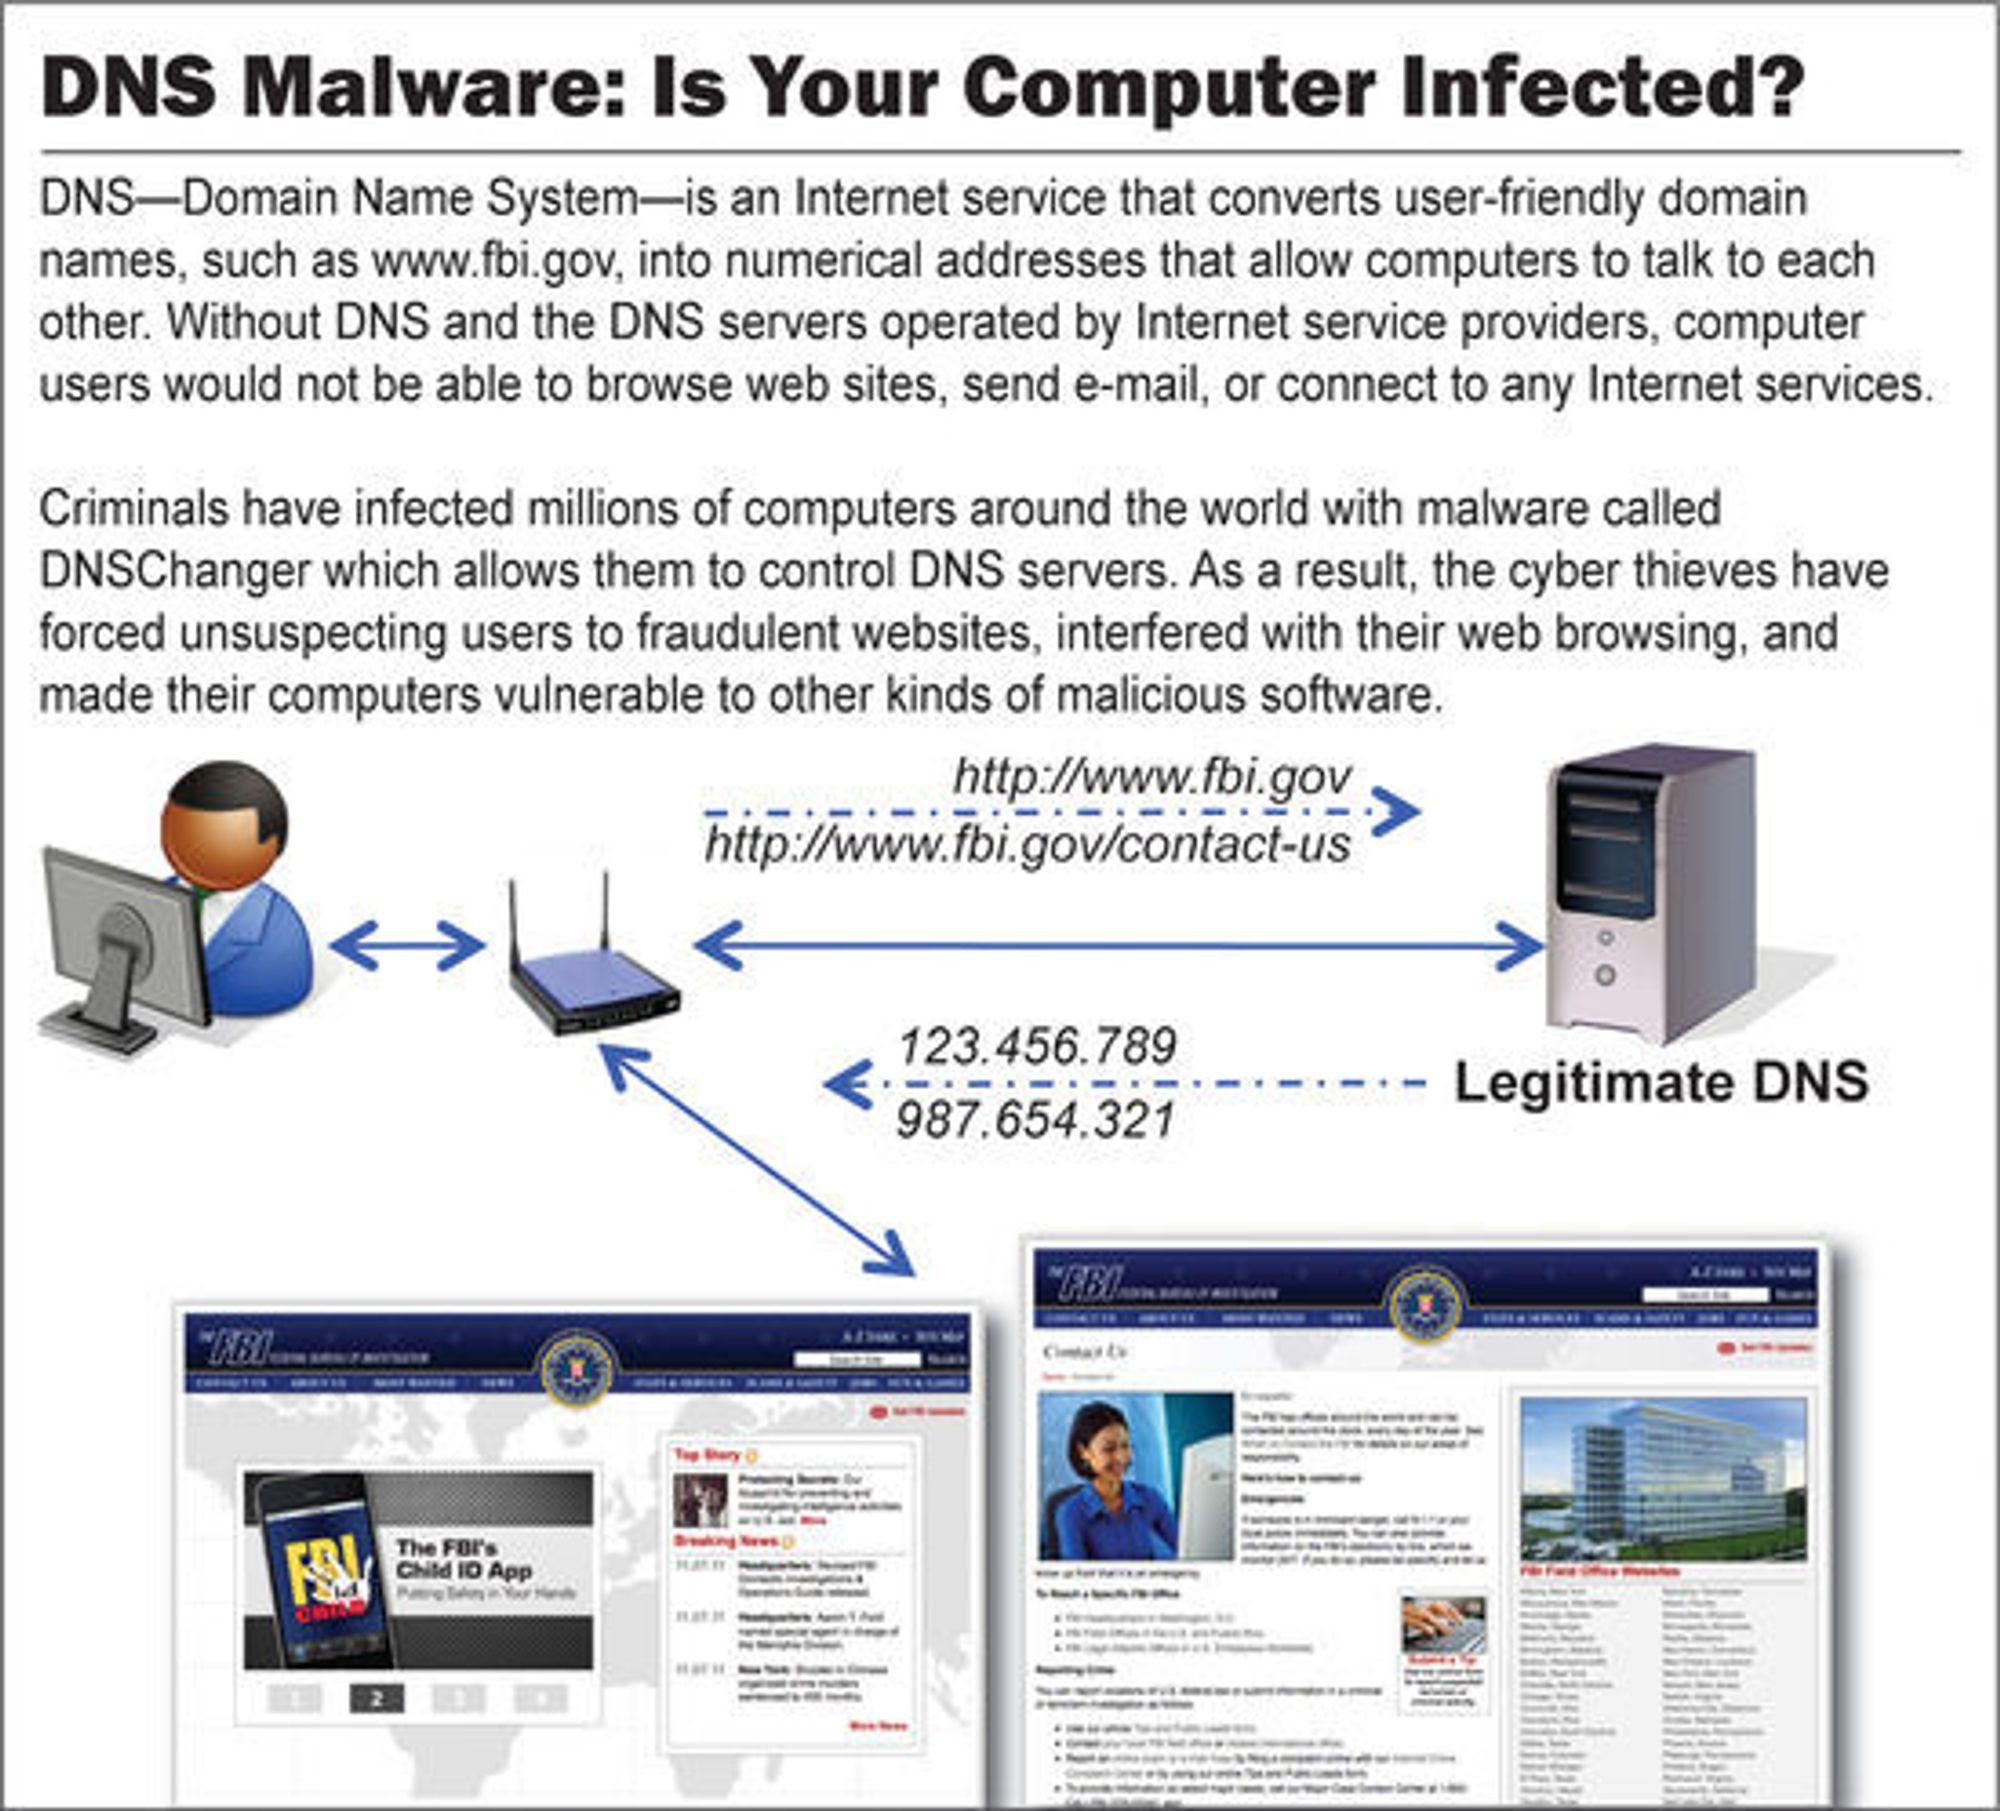 Fungerende DNS-tjenere (domain name system) er avgjørende for muligheten til å oversette domenenavn til deres respektive IP-adresser. Neste måned skal FBI skru av en rekke midlertidige DNS-tjenere, noe som kan berøre mange som fortsatt er smittet av en trojaner.